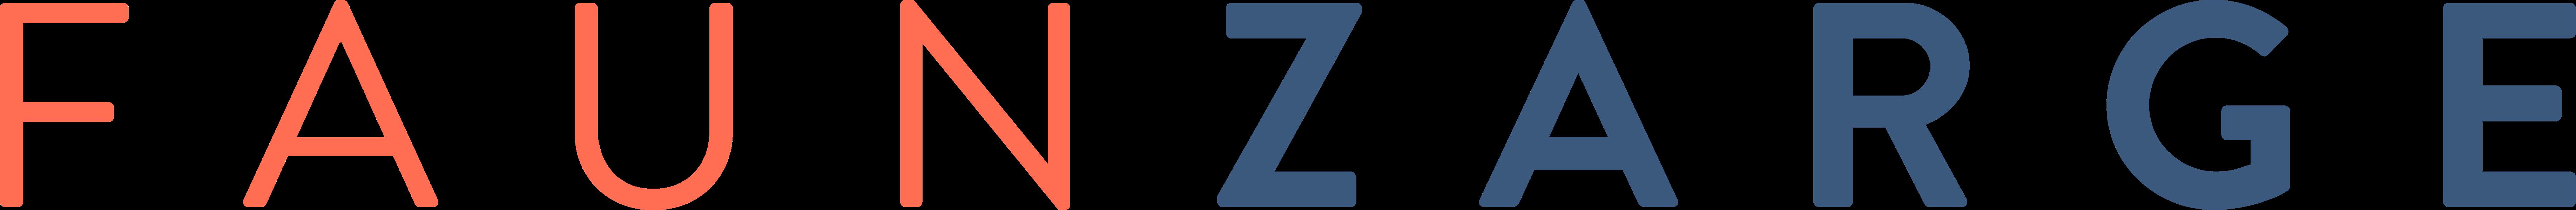 Faun Zarge